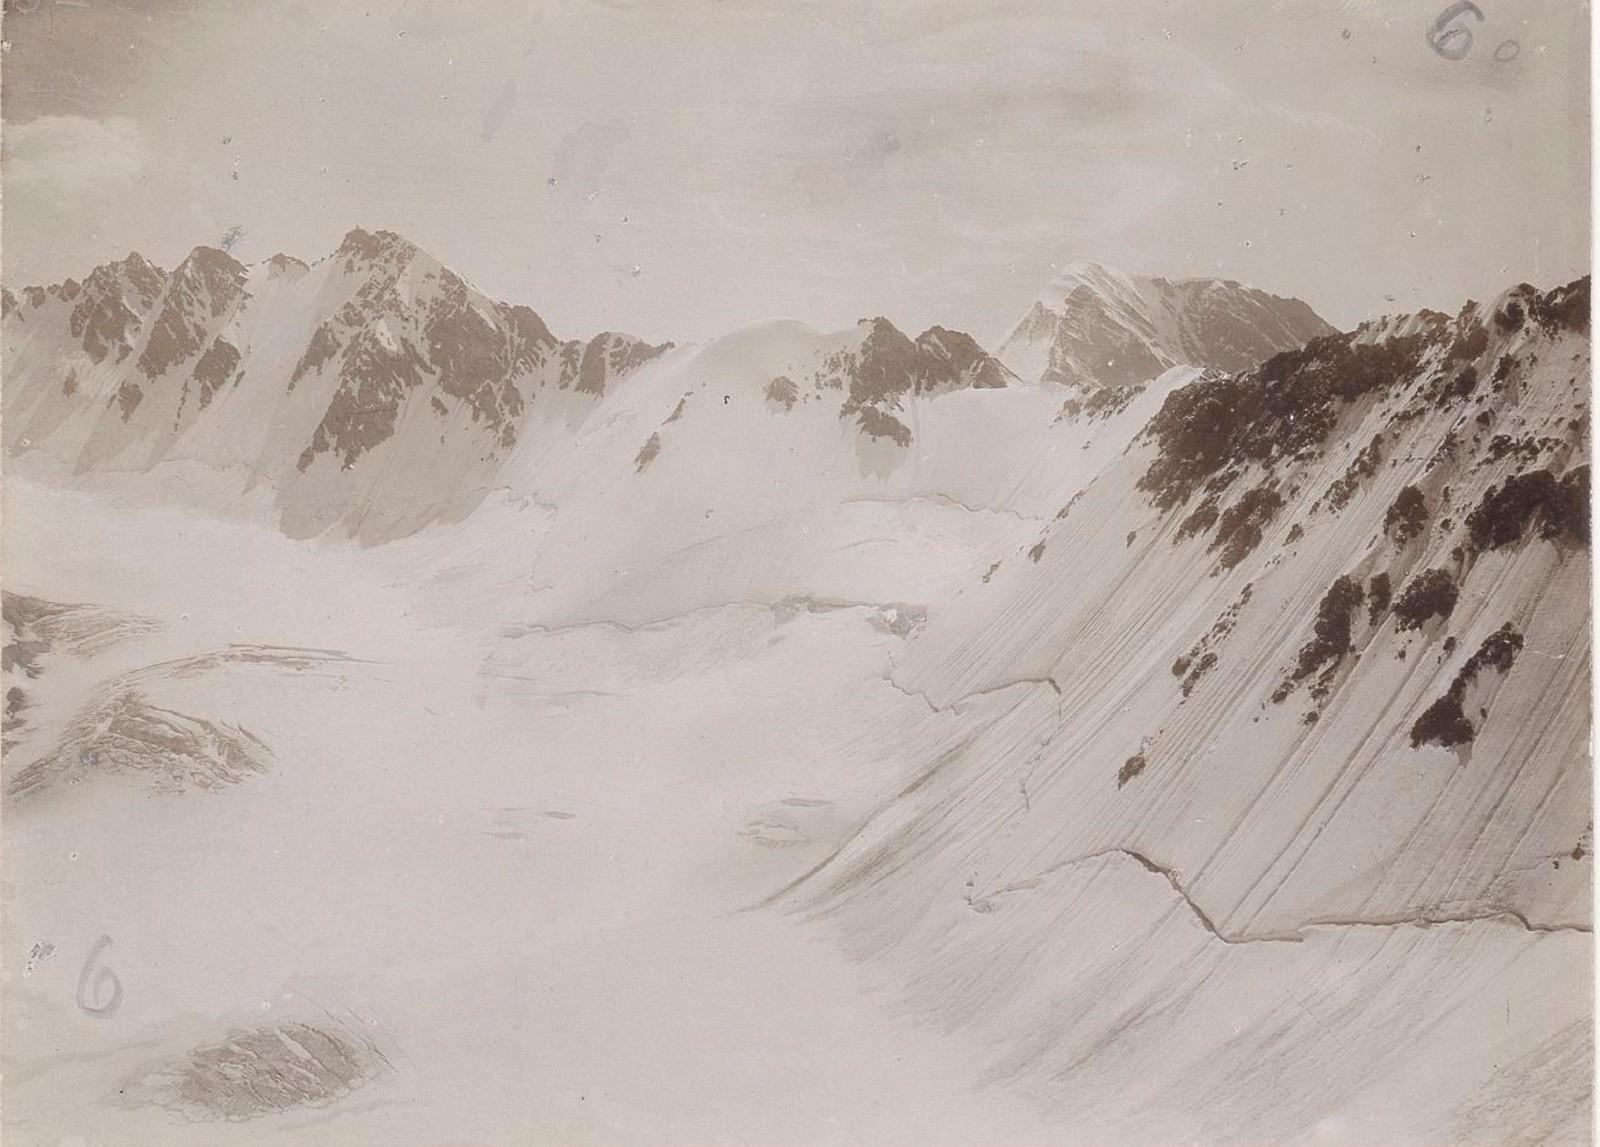 12. Восточный Кавказ. Ледник перевала Катчу (3550 м) с вершины Датах-Корт